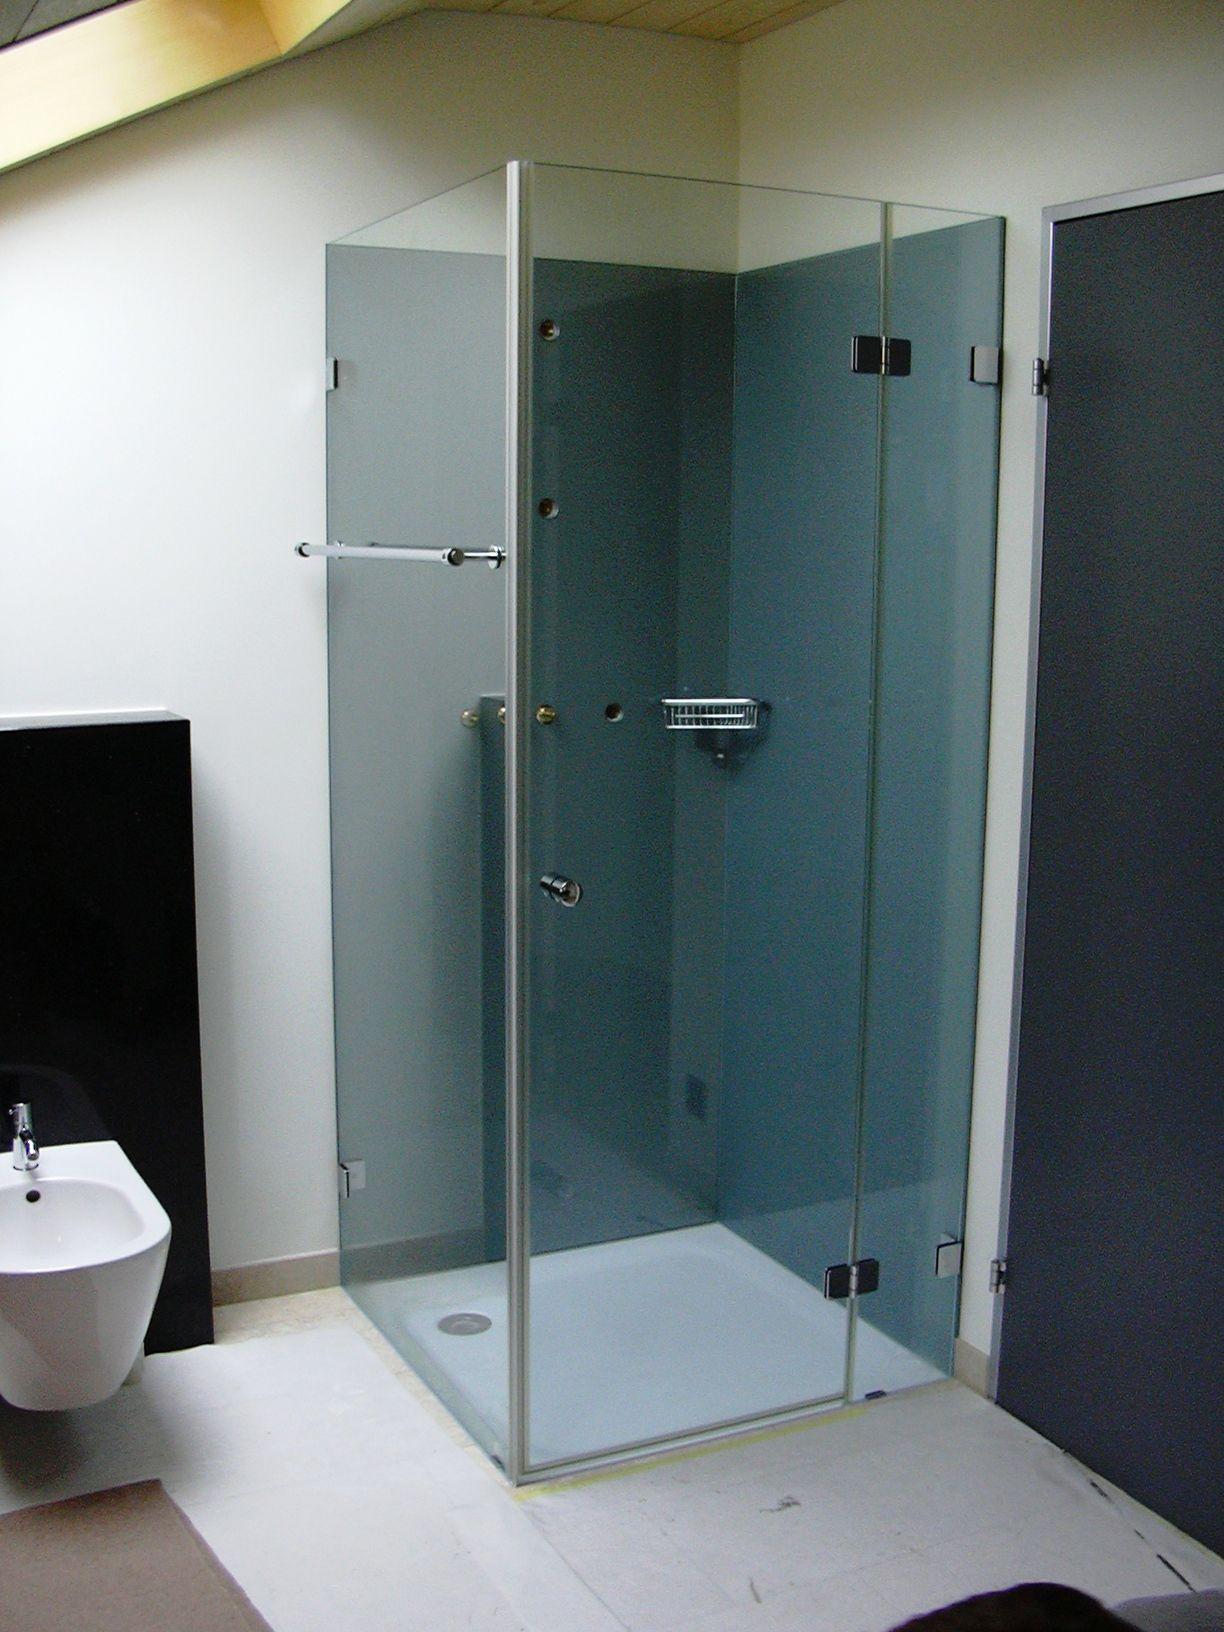 Badezimmer Aufwerten Und Verschonern In Mietwohnungen Teuscher Glasduschen Bad Renovieren Ohne Fliesen Dusche